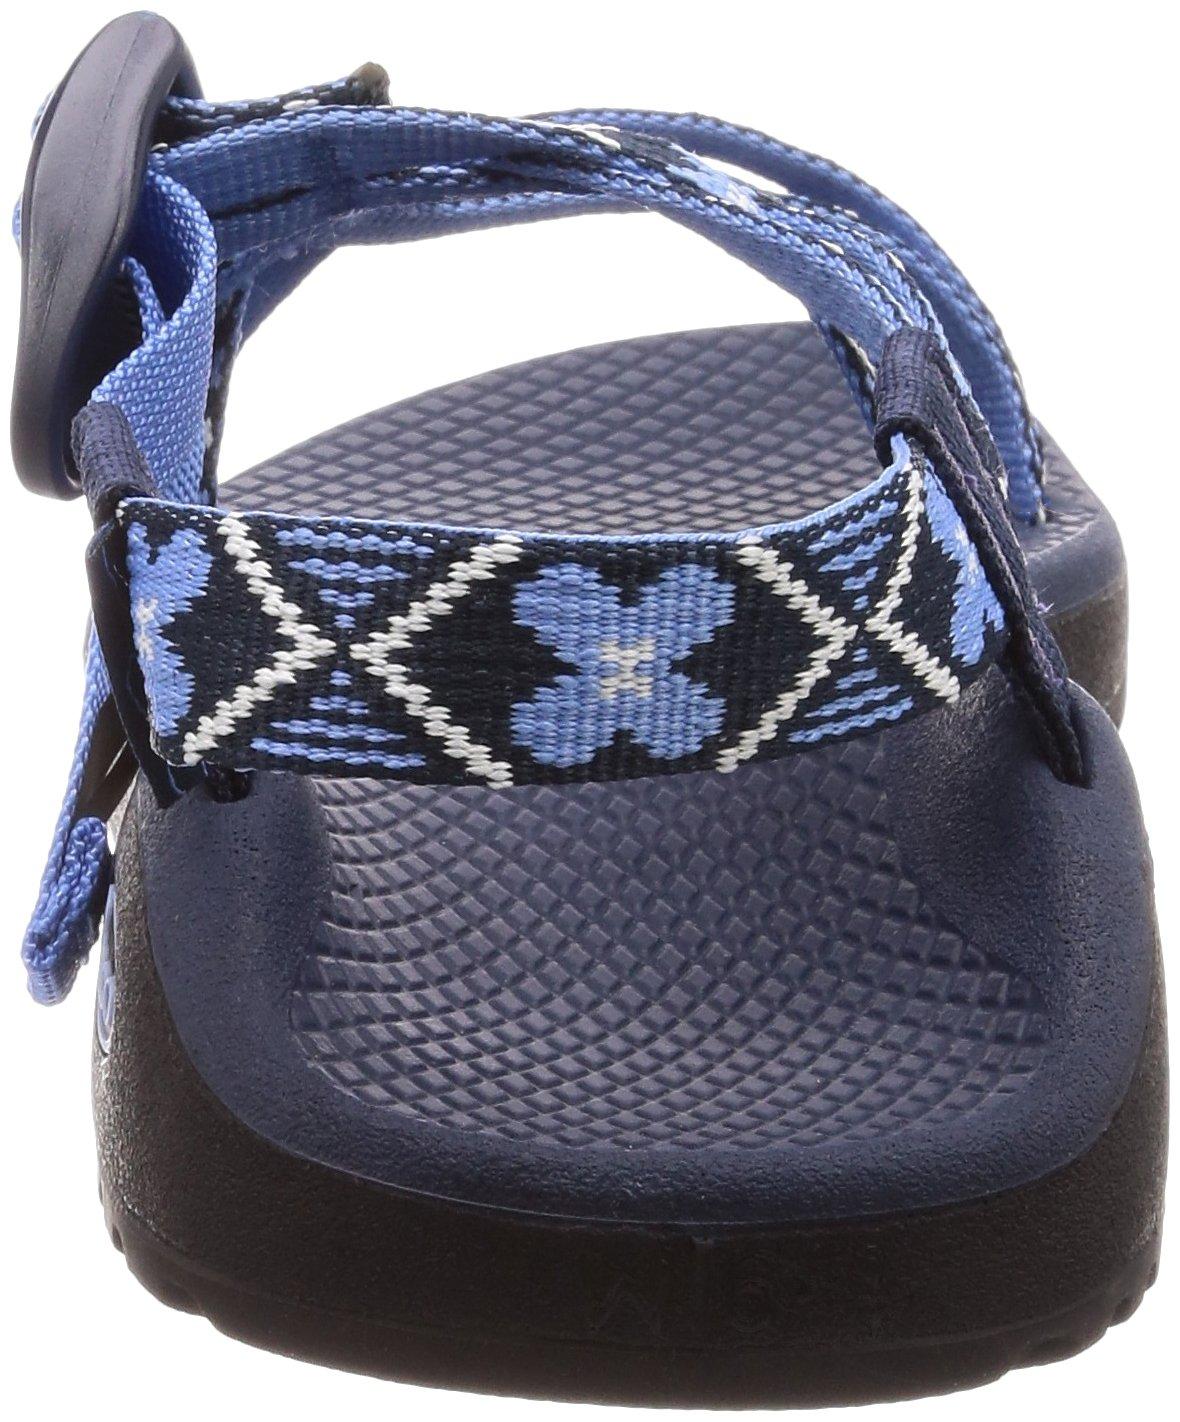 Chaco Women's Zcloud 6 X Sport Sandal B072QY1DWX 6 Zcloud B(M) US|Dahlia Eclipse 9df9ca